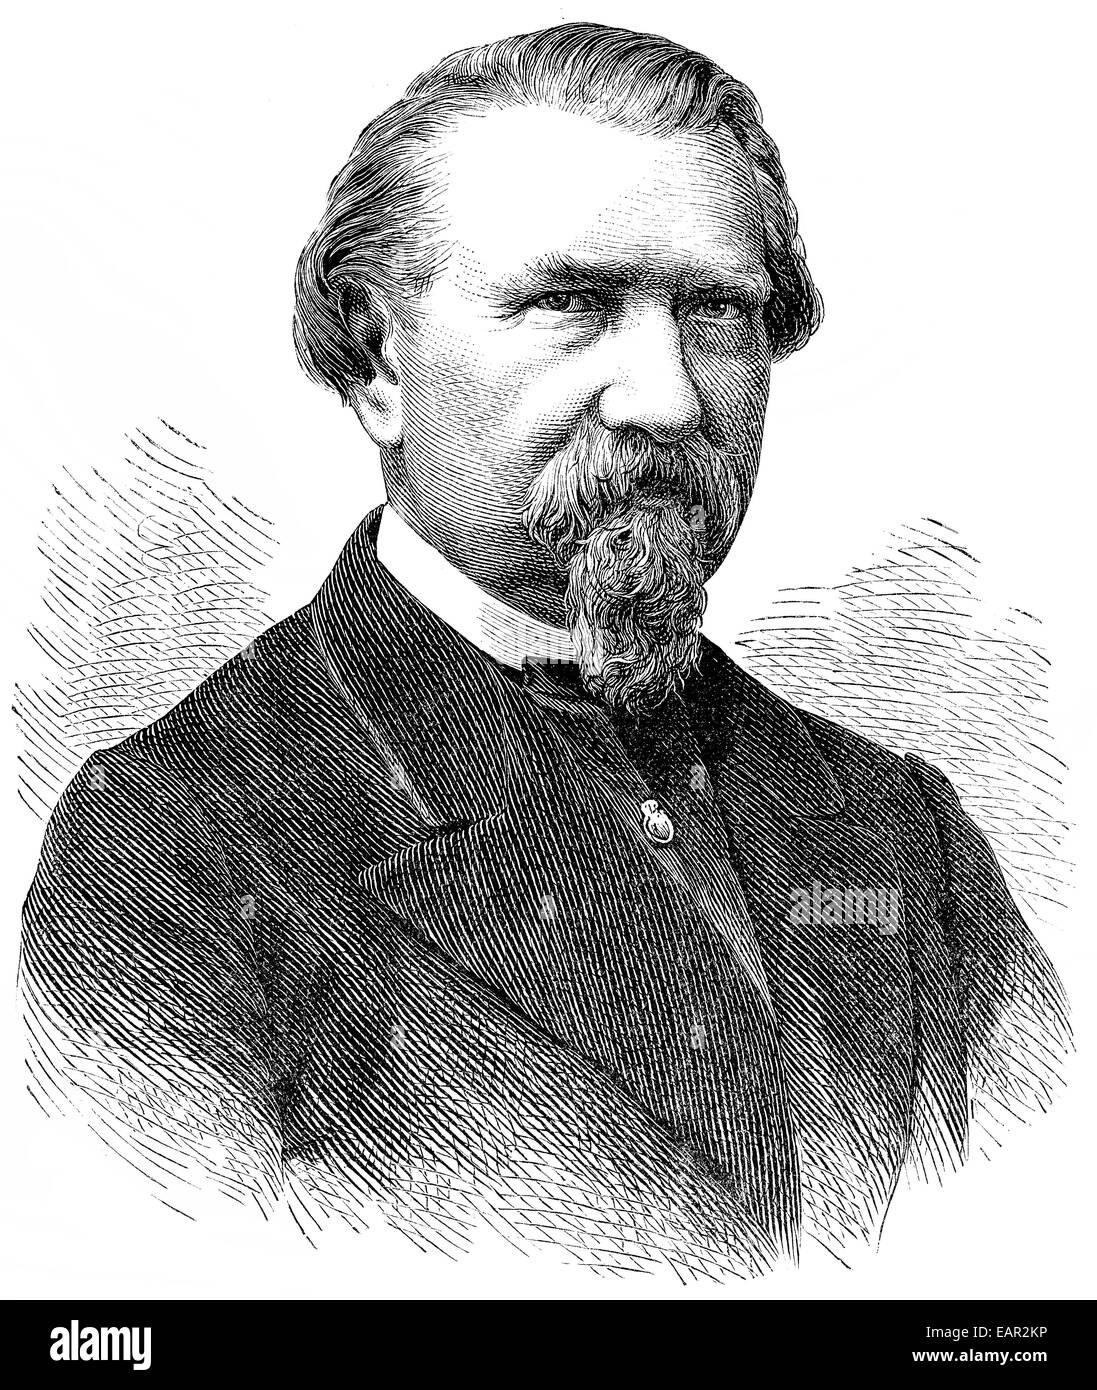 Friedrich Wilhelm Kuecken, 1810-1882, deutscher Musiker und Komponist der Romantik, Friedrich Wilhelm Kücken, Stockbild